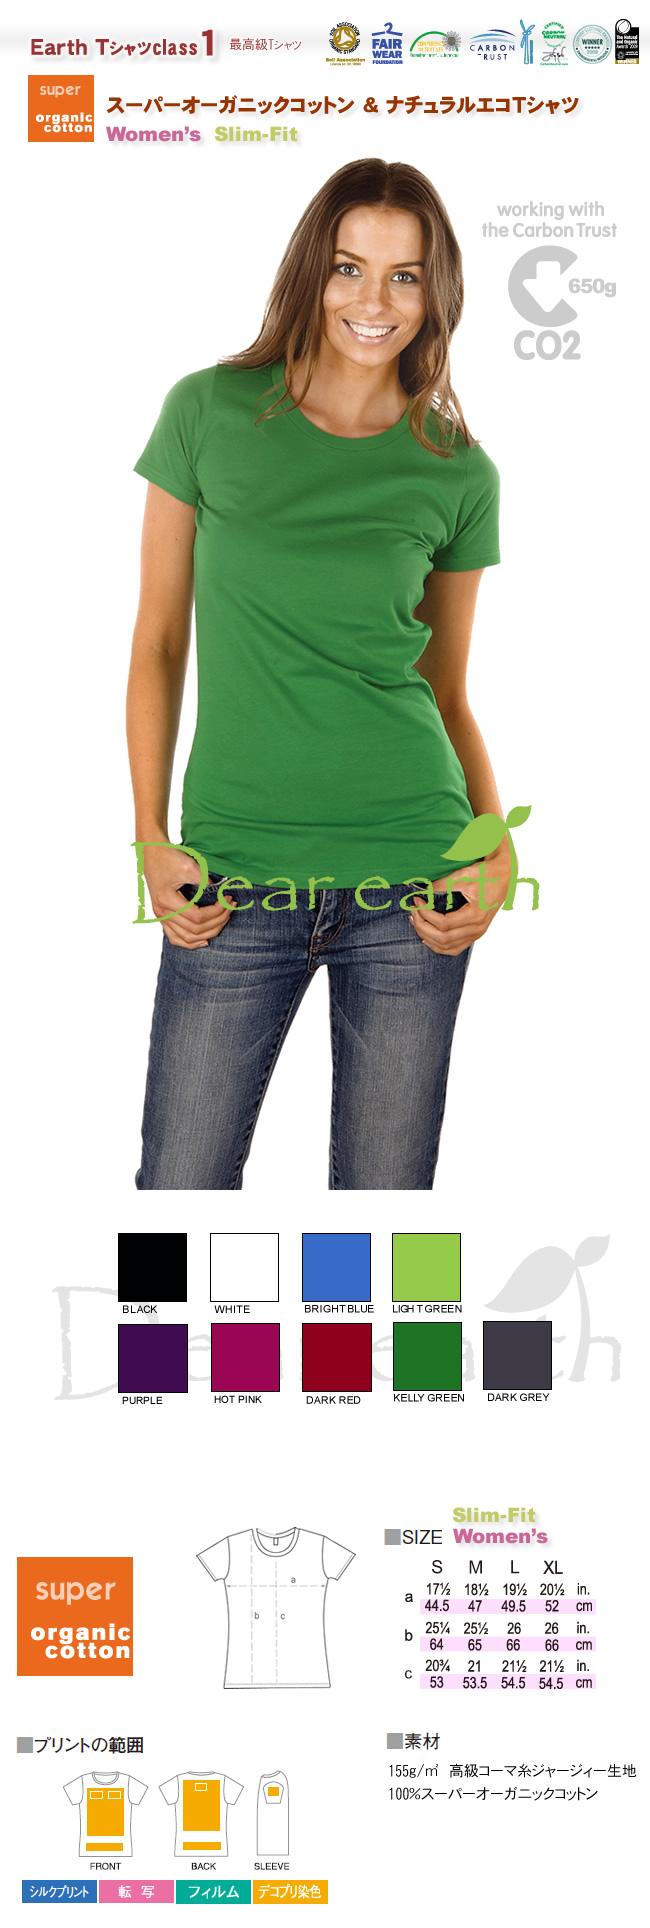 スリムフィットWOMEN'SアースTシャツclass1(E04)最高級オーガニックコトン&エコ